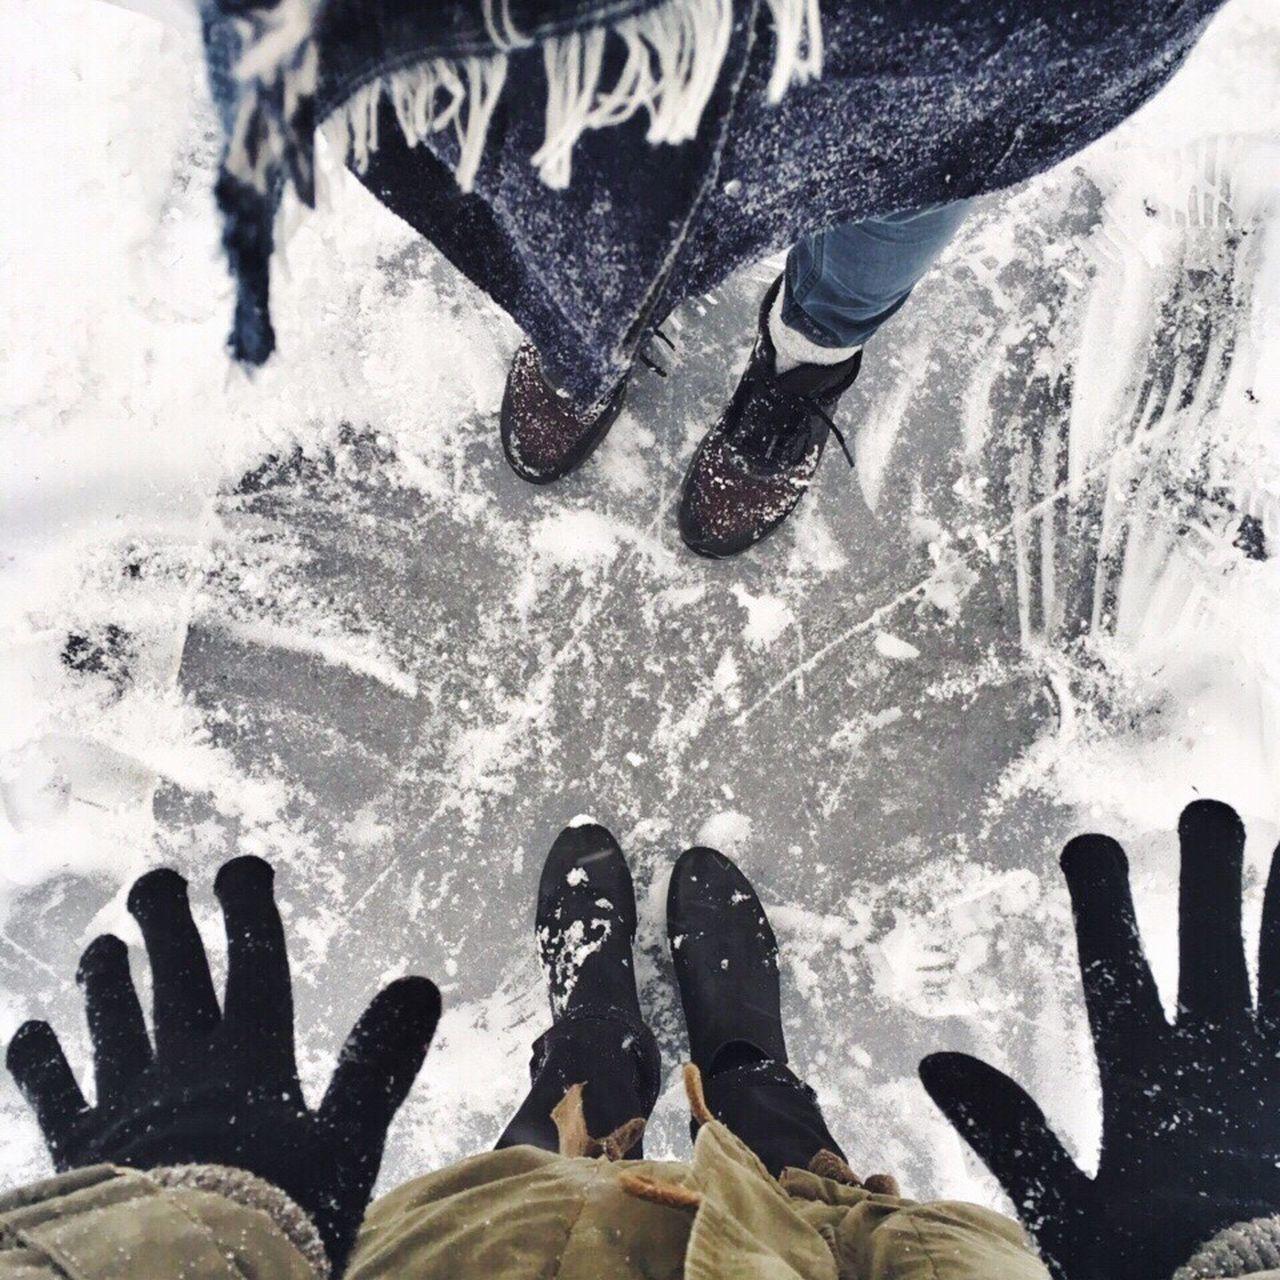 Frozen River Frozen Danube